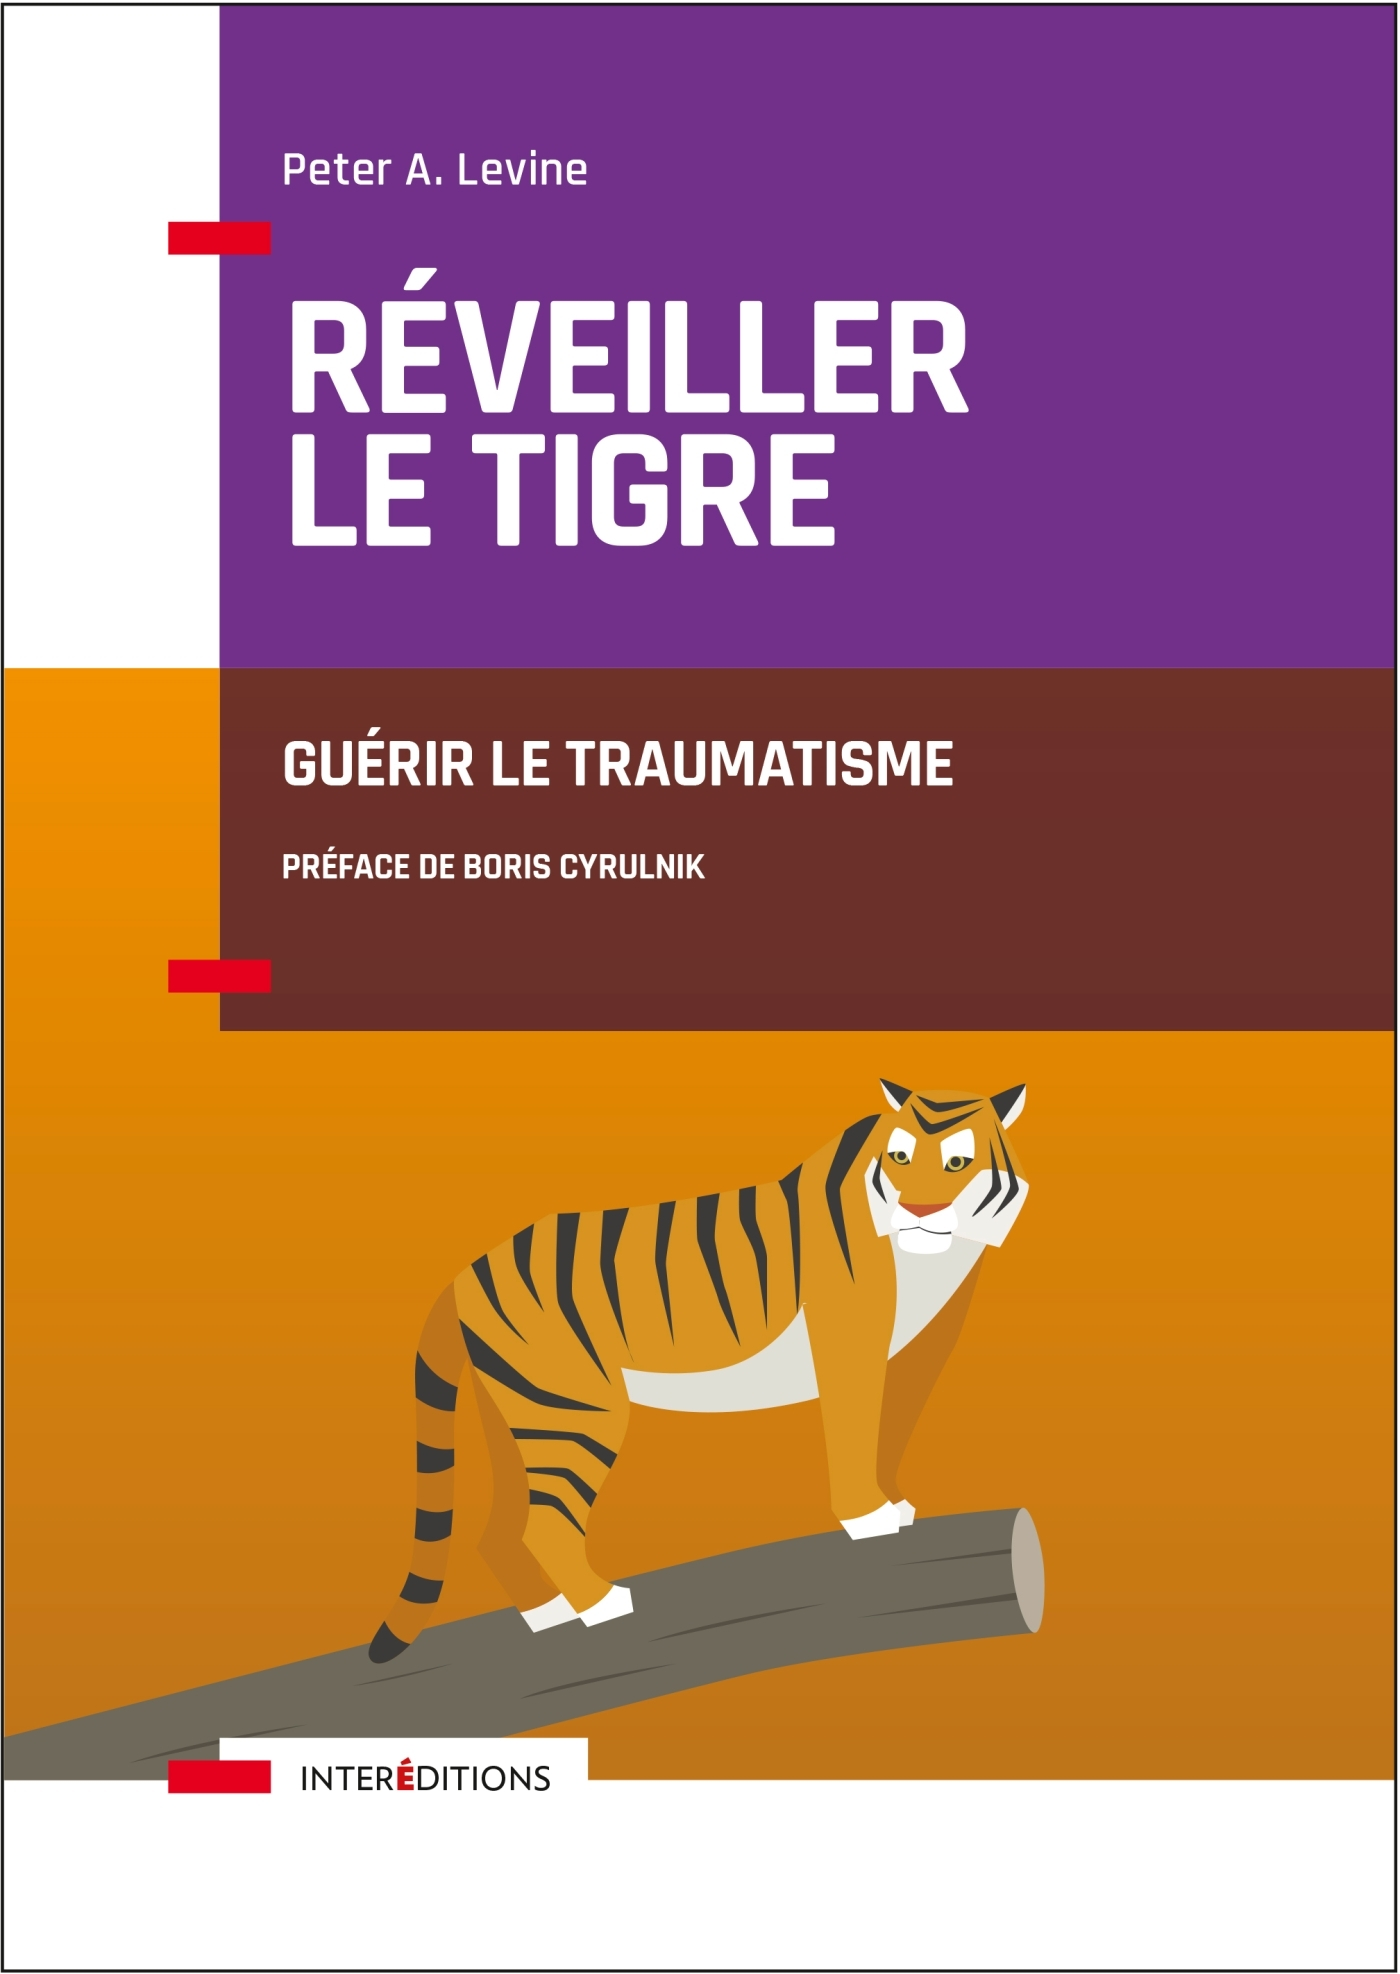 REVEILLER LE TIGRE - GUERIR LE TRAUMATISME